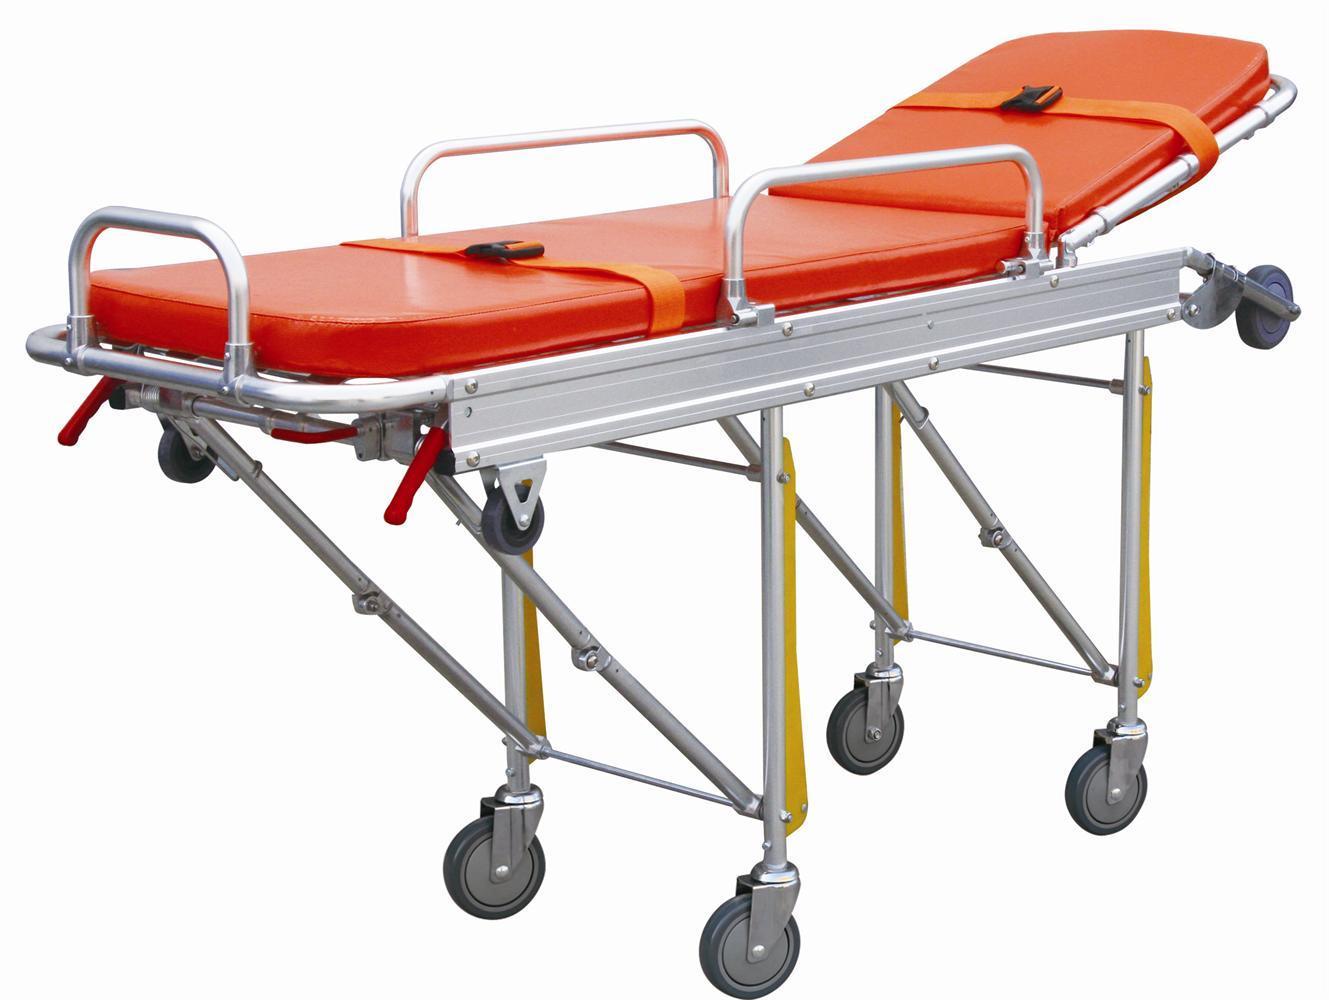 Medical Hospital Adjustable Aluminum Alloy Folding Emergency Ambulance Stretcher